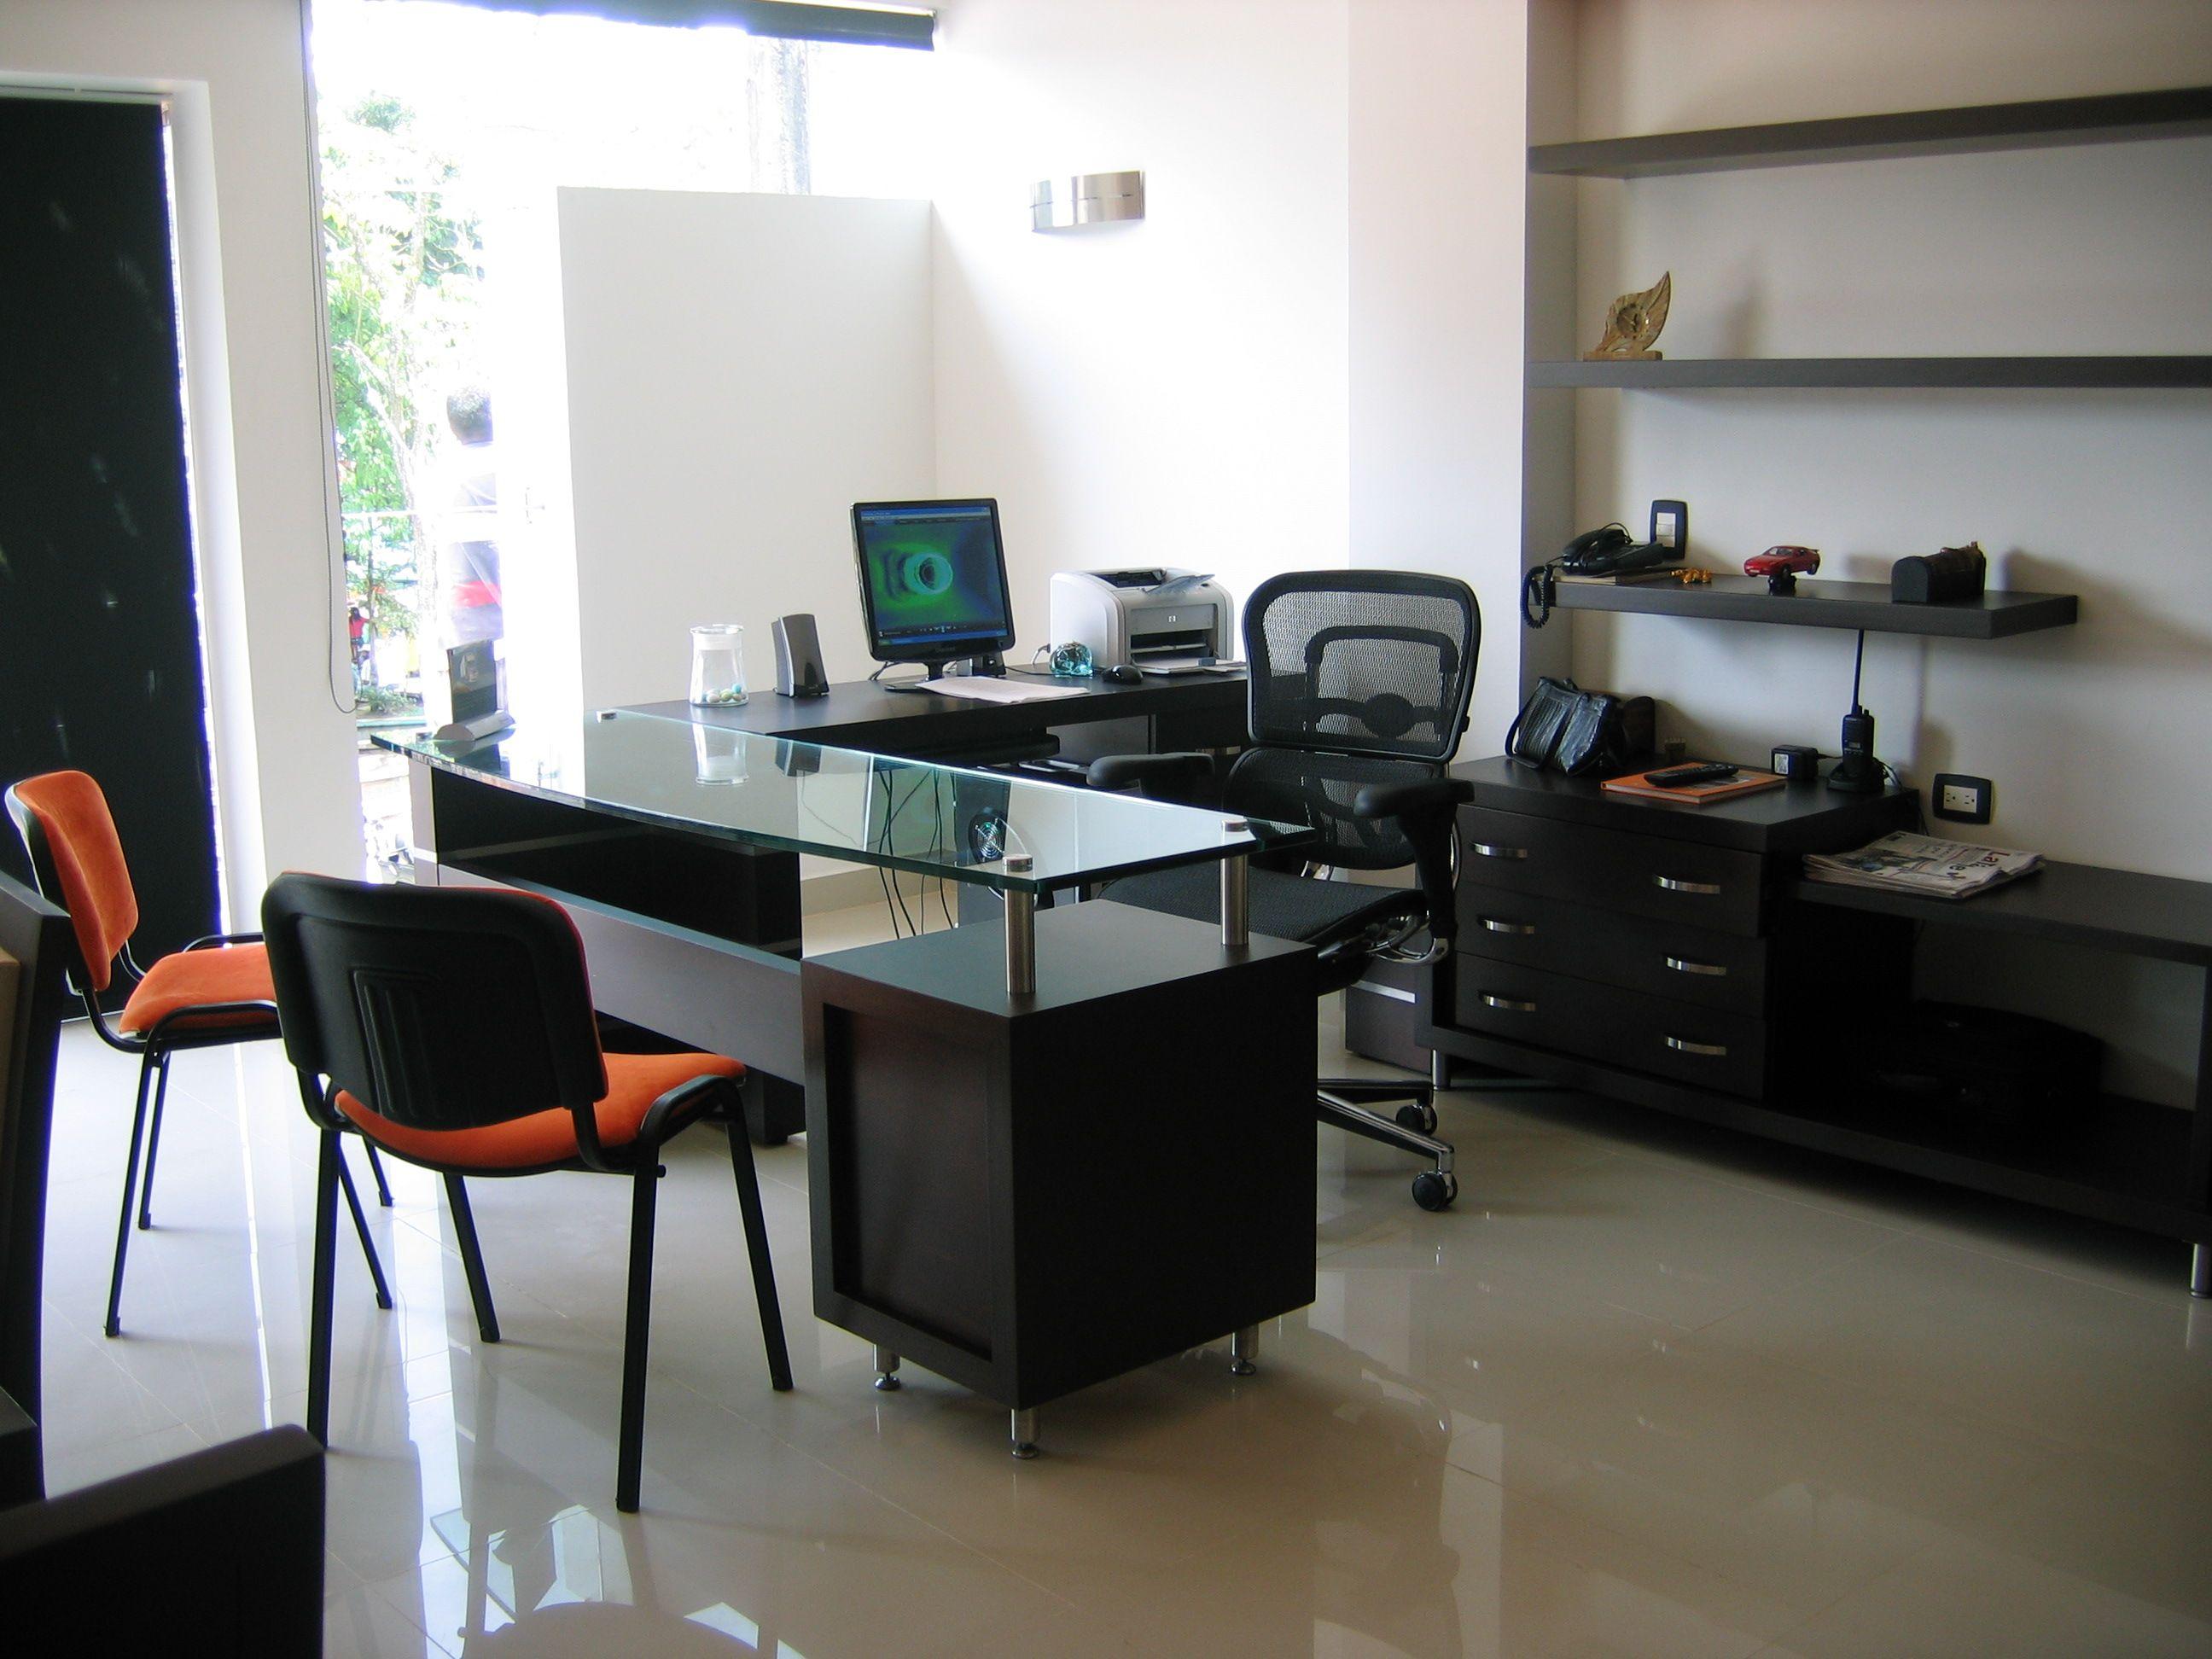 muebles de oficina escritorio con dilatadores y vidrio